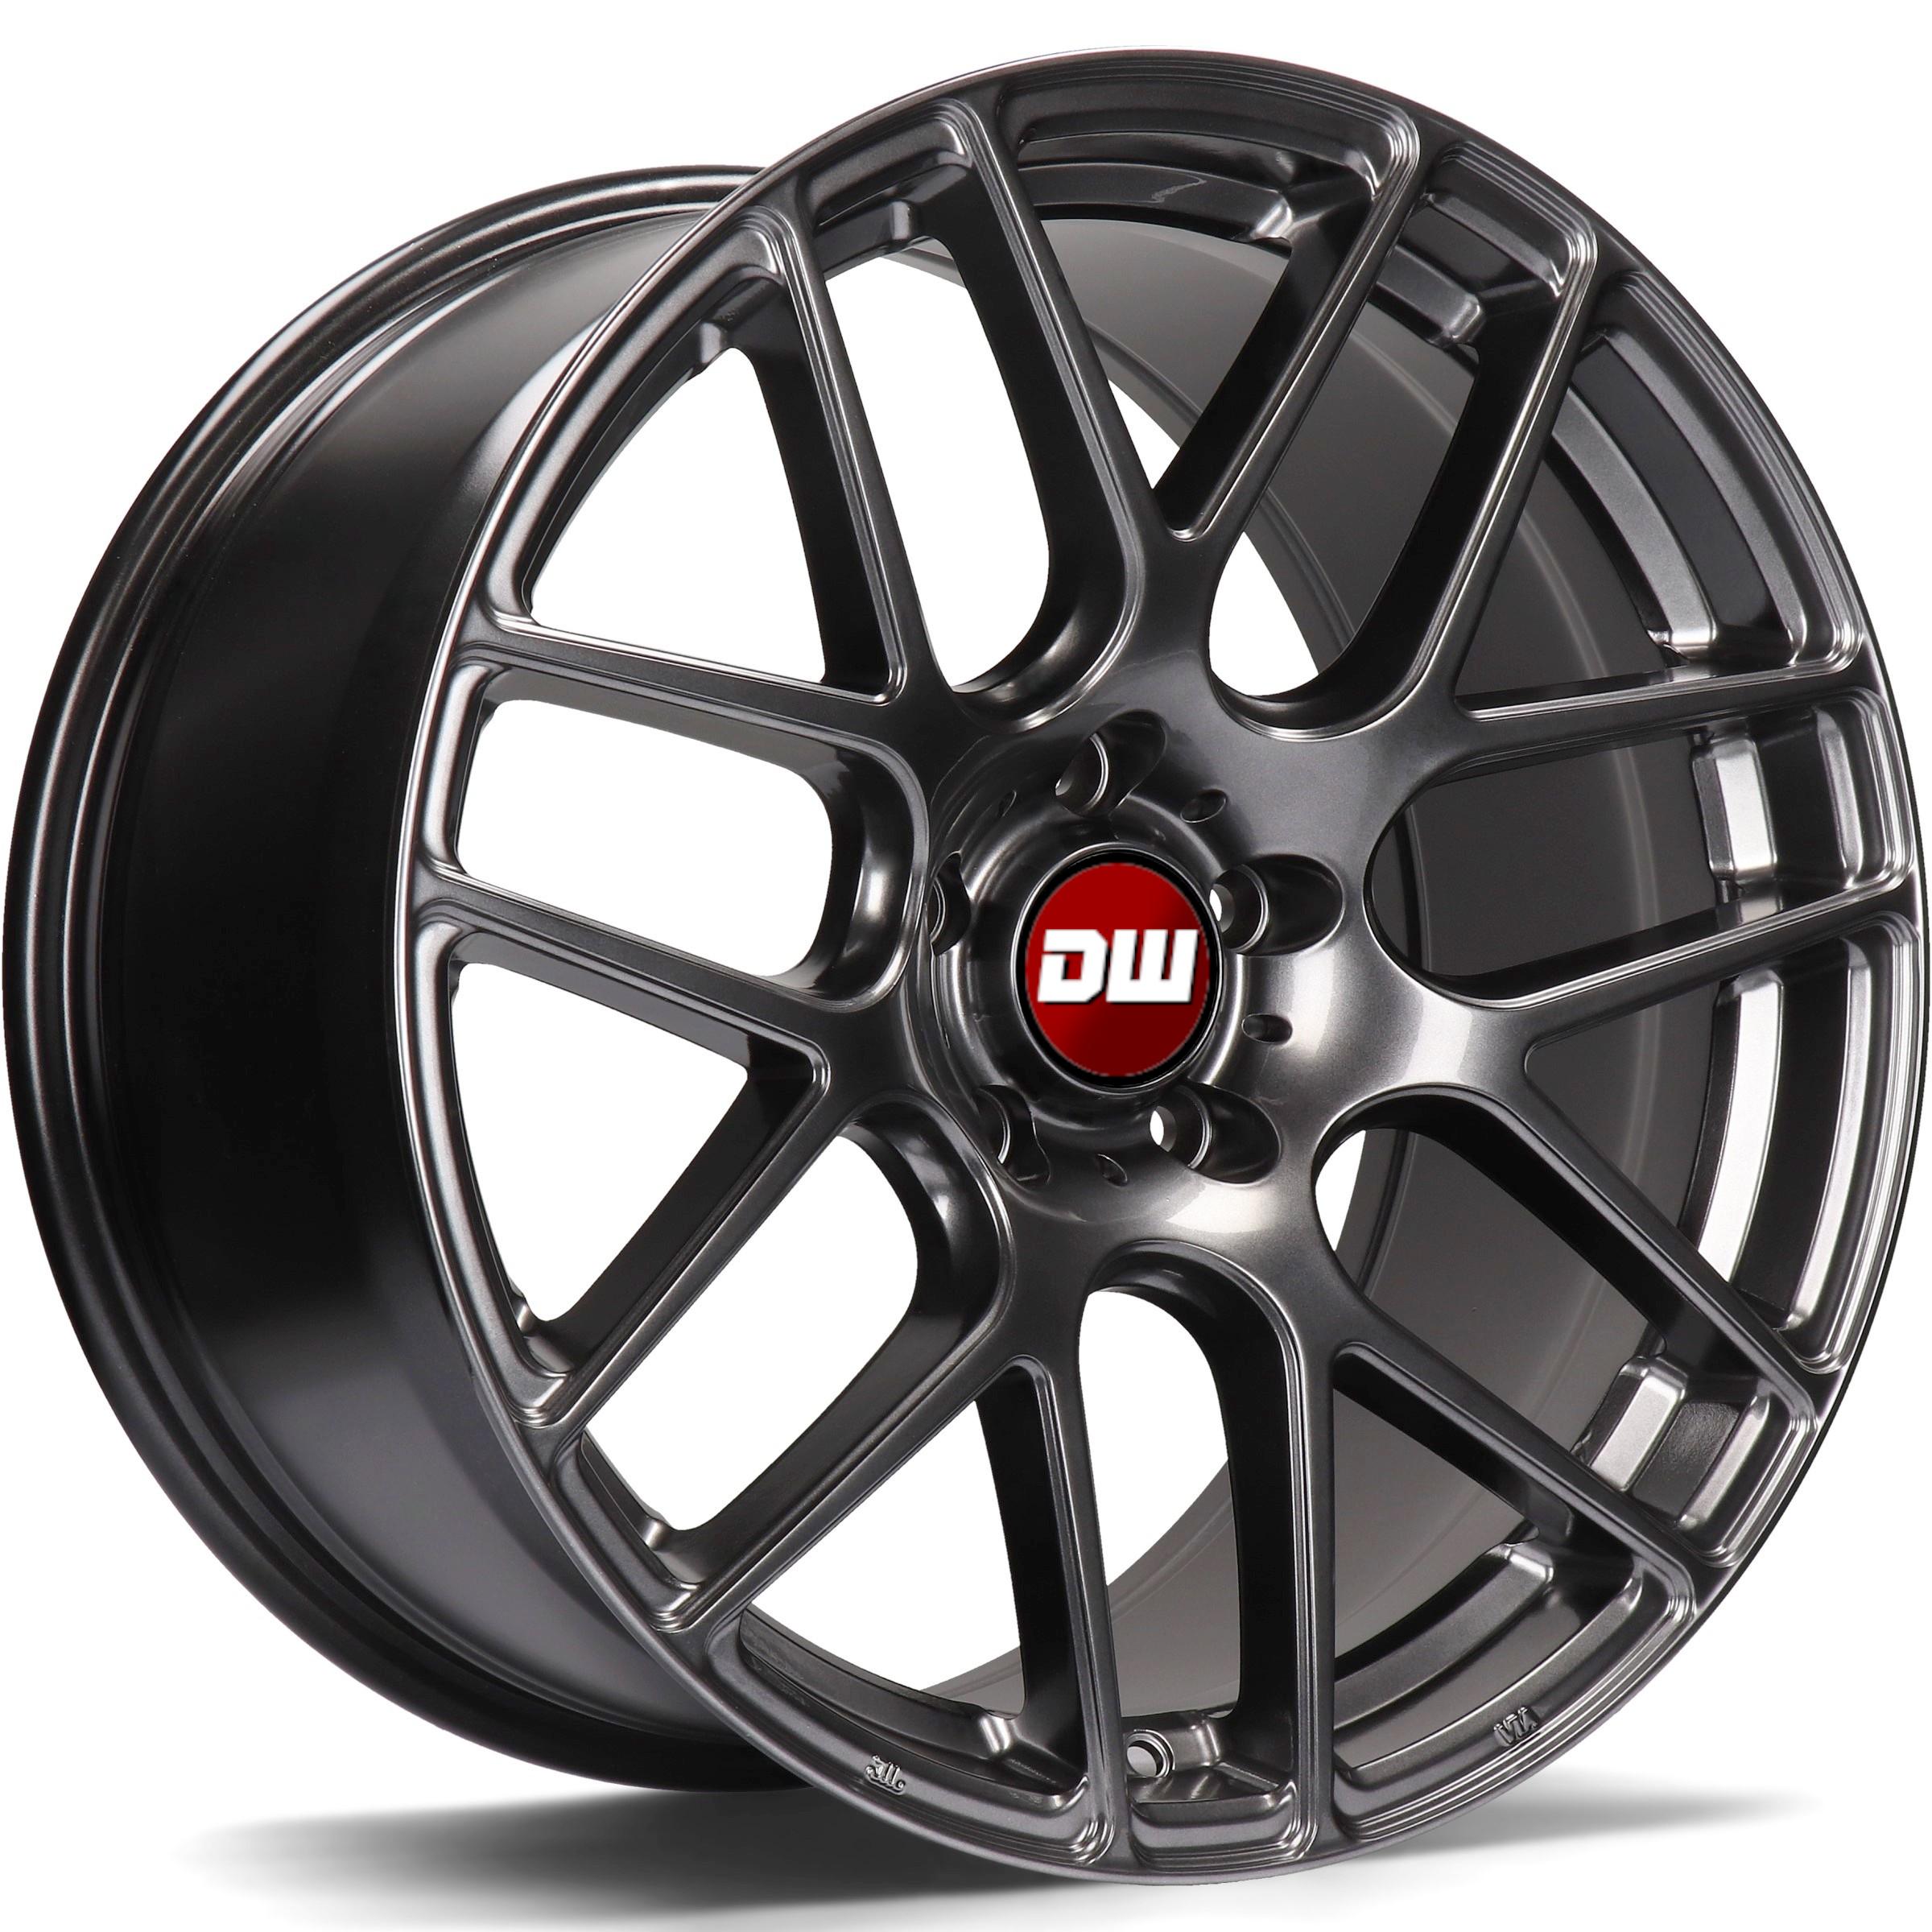 DW Wheels DWV-L Noir